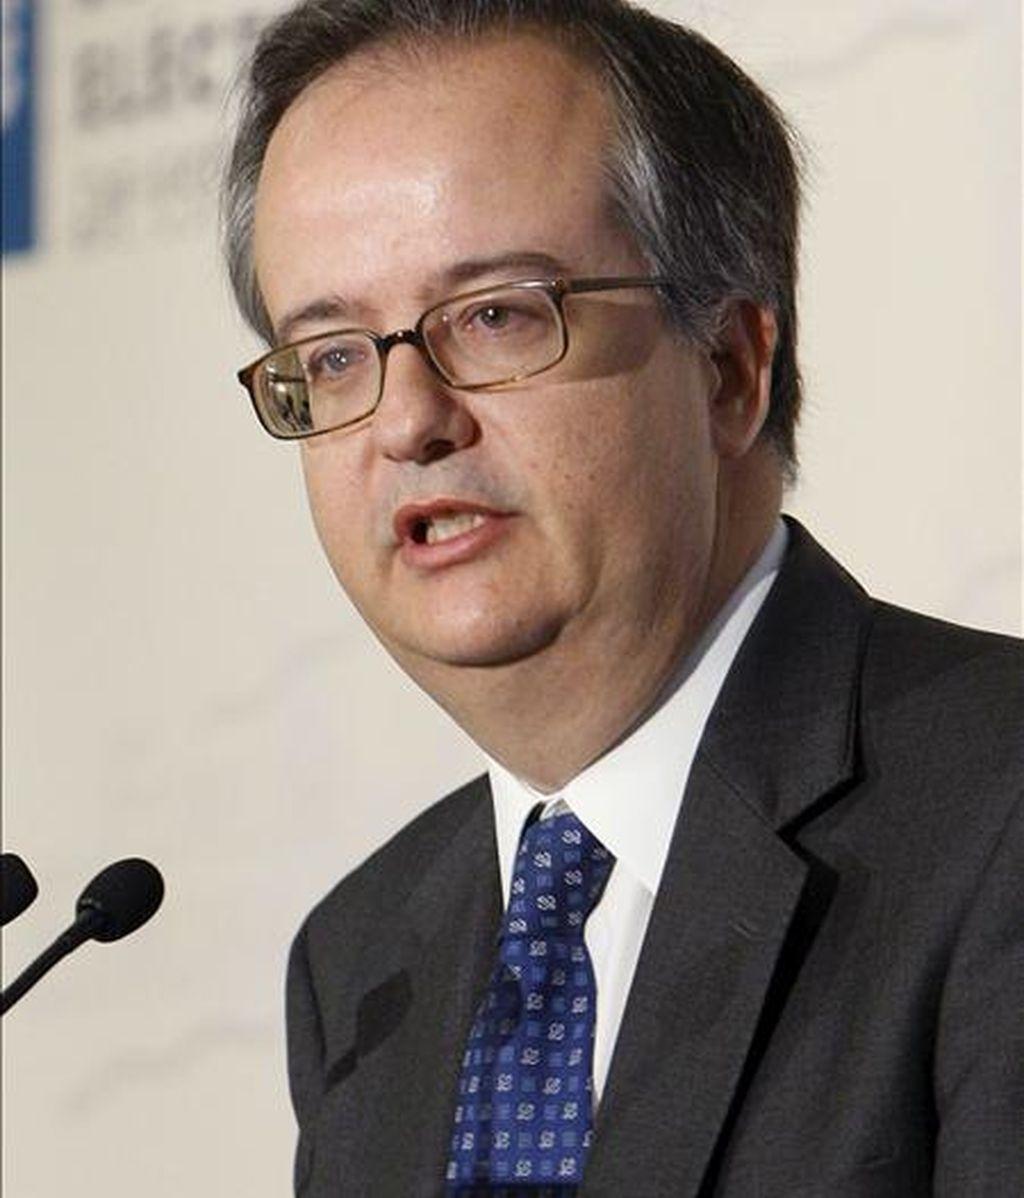 El presidente del Instituto de la Empresa Familiar (IEF), Simón Pedro Barceló, durante su intervención en el encuentro informativo de Forum Europa organizado hoy en Madrid. EFE